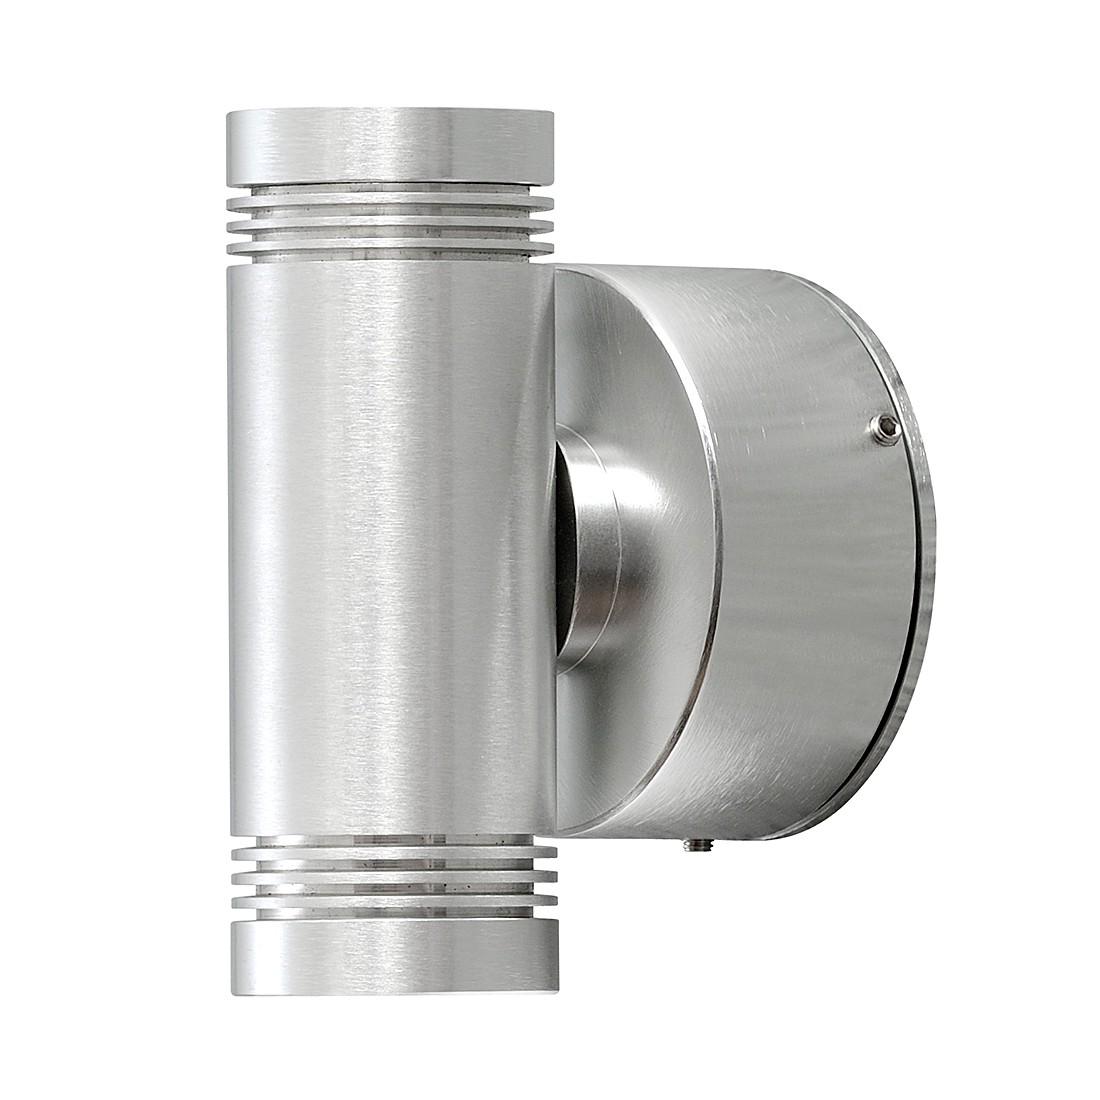 energie  A+, LED-wandlamp Monza Small - aluminium 2 lichtbronnen, Konstsmide